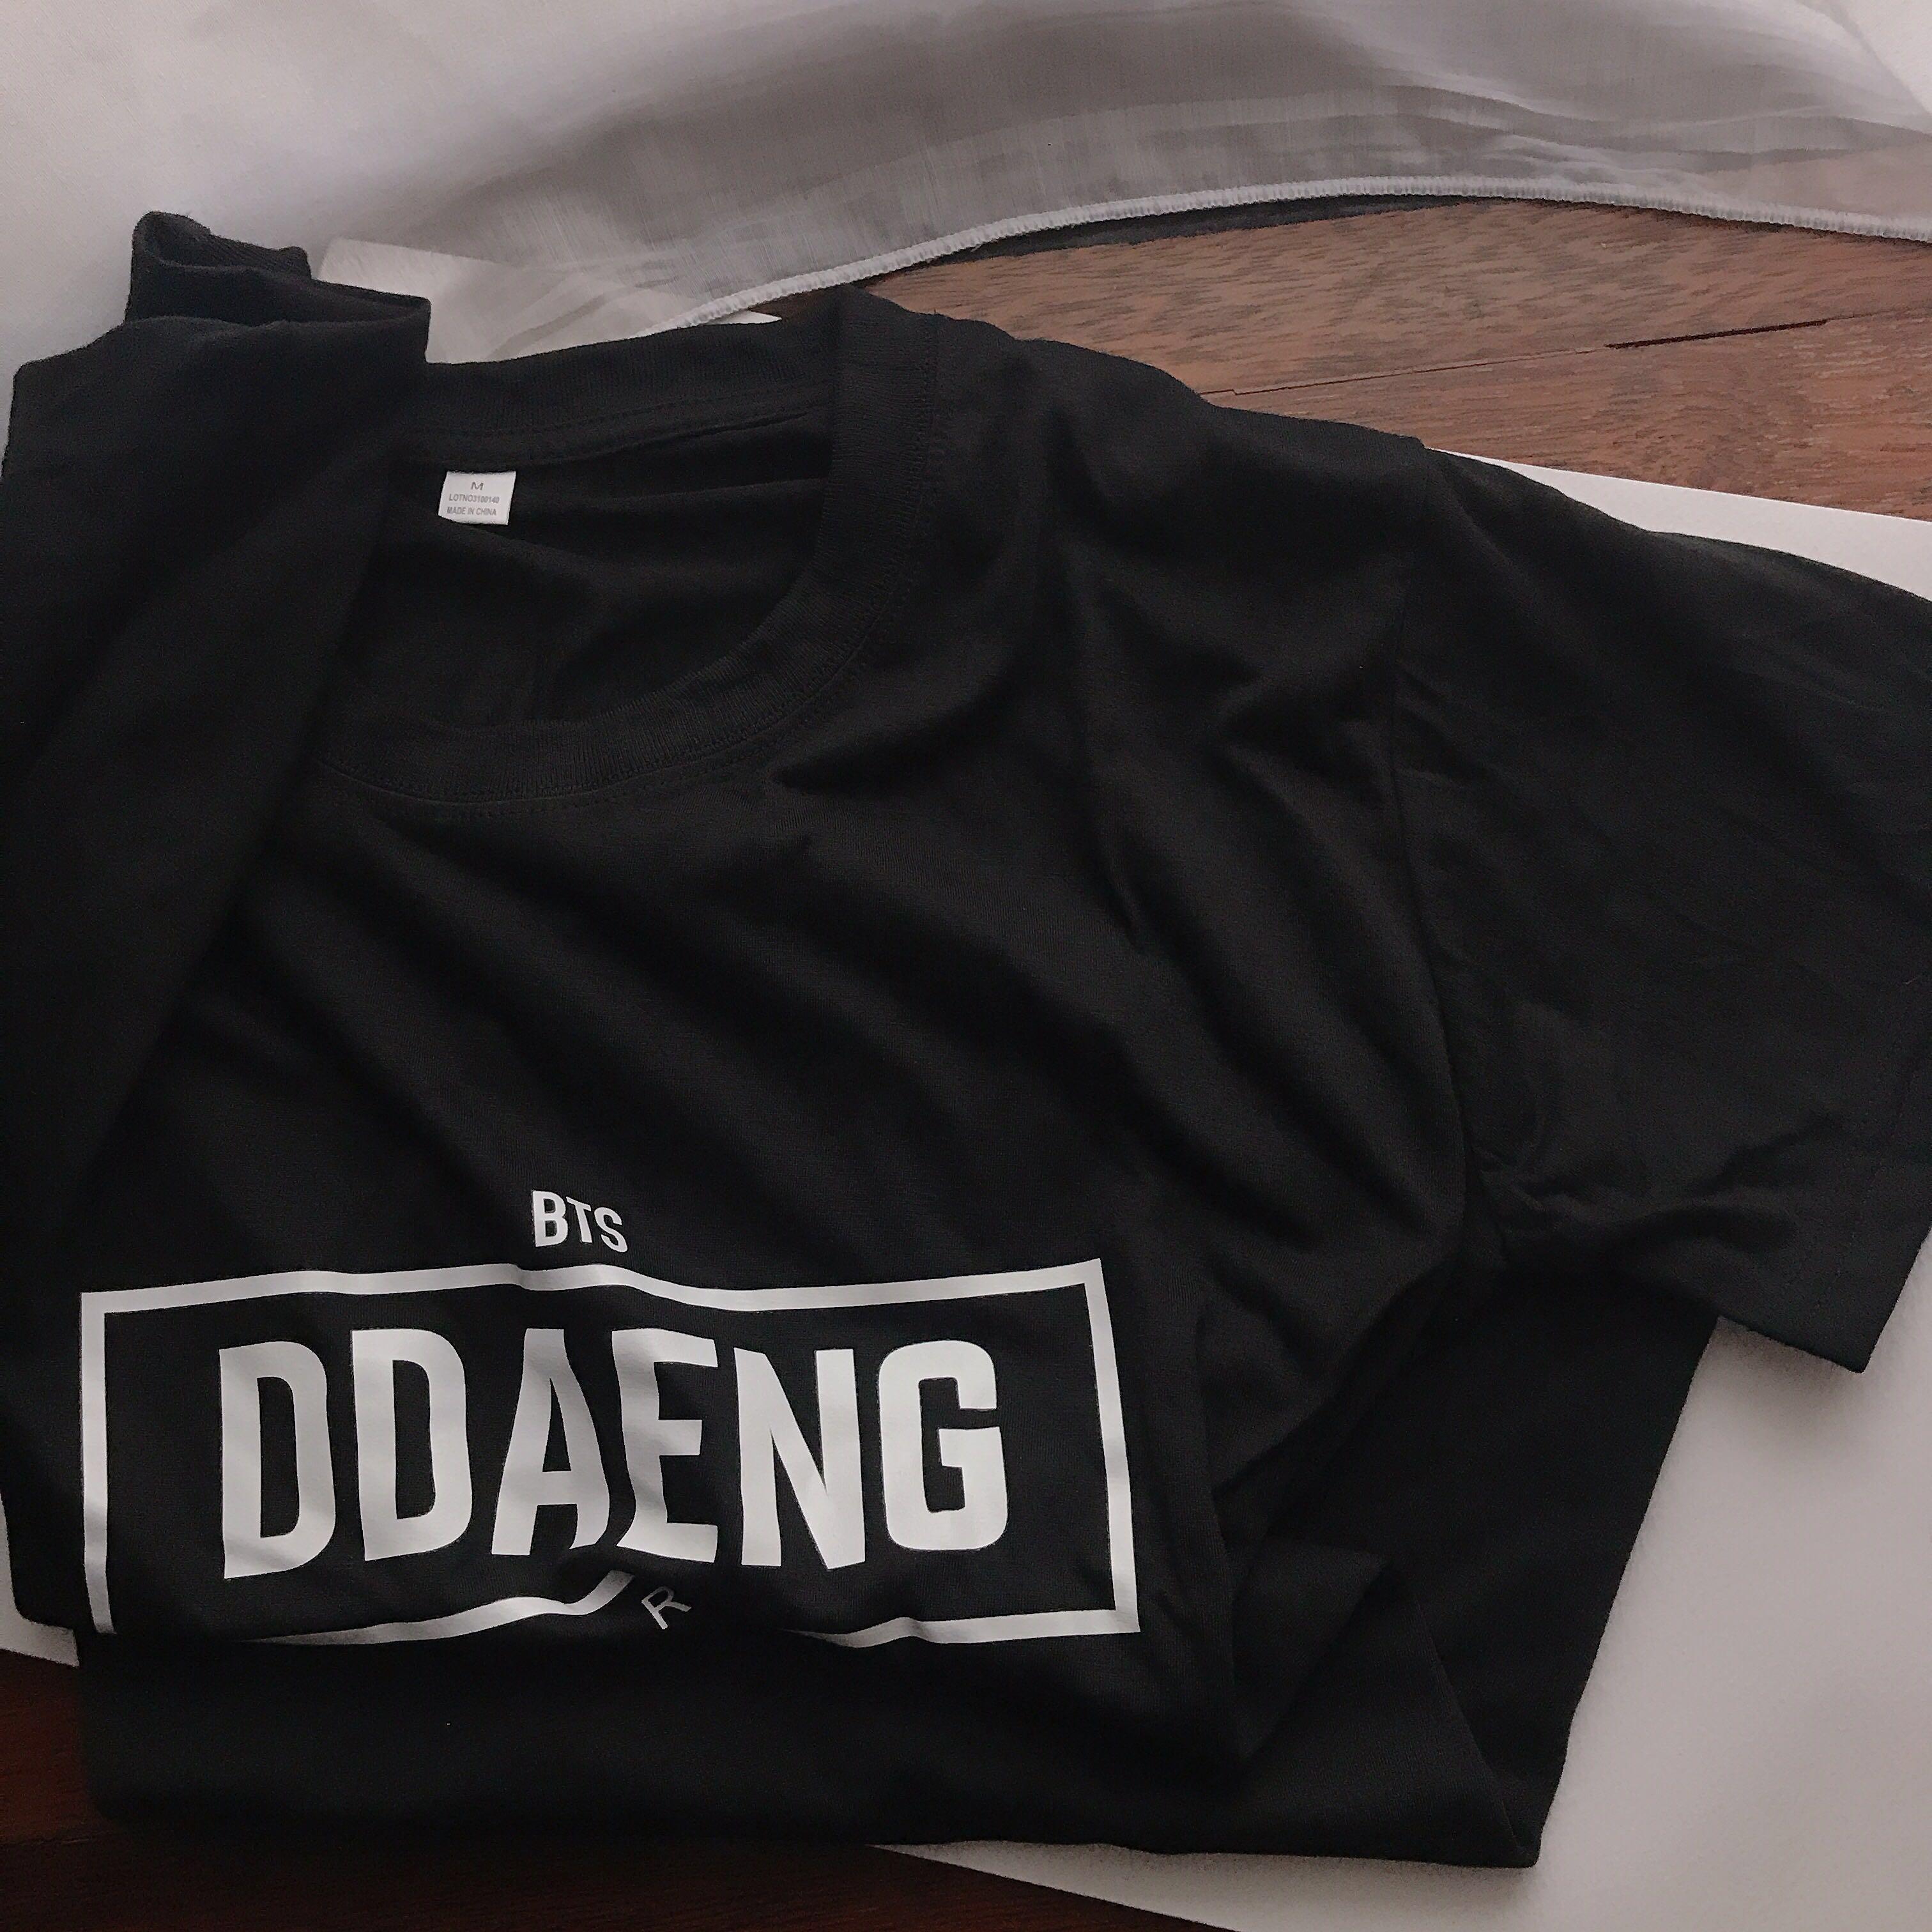 BTS T-shirt Ddaeng rapline